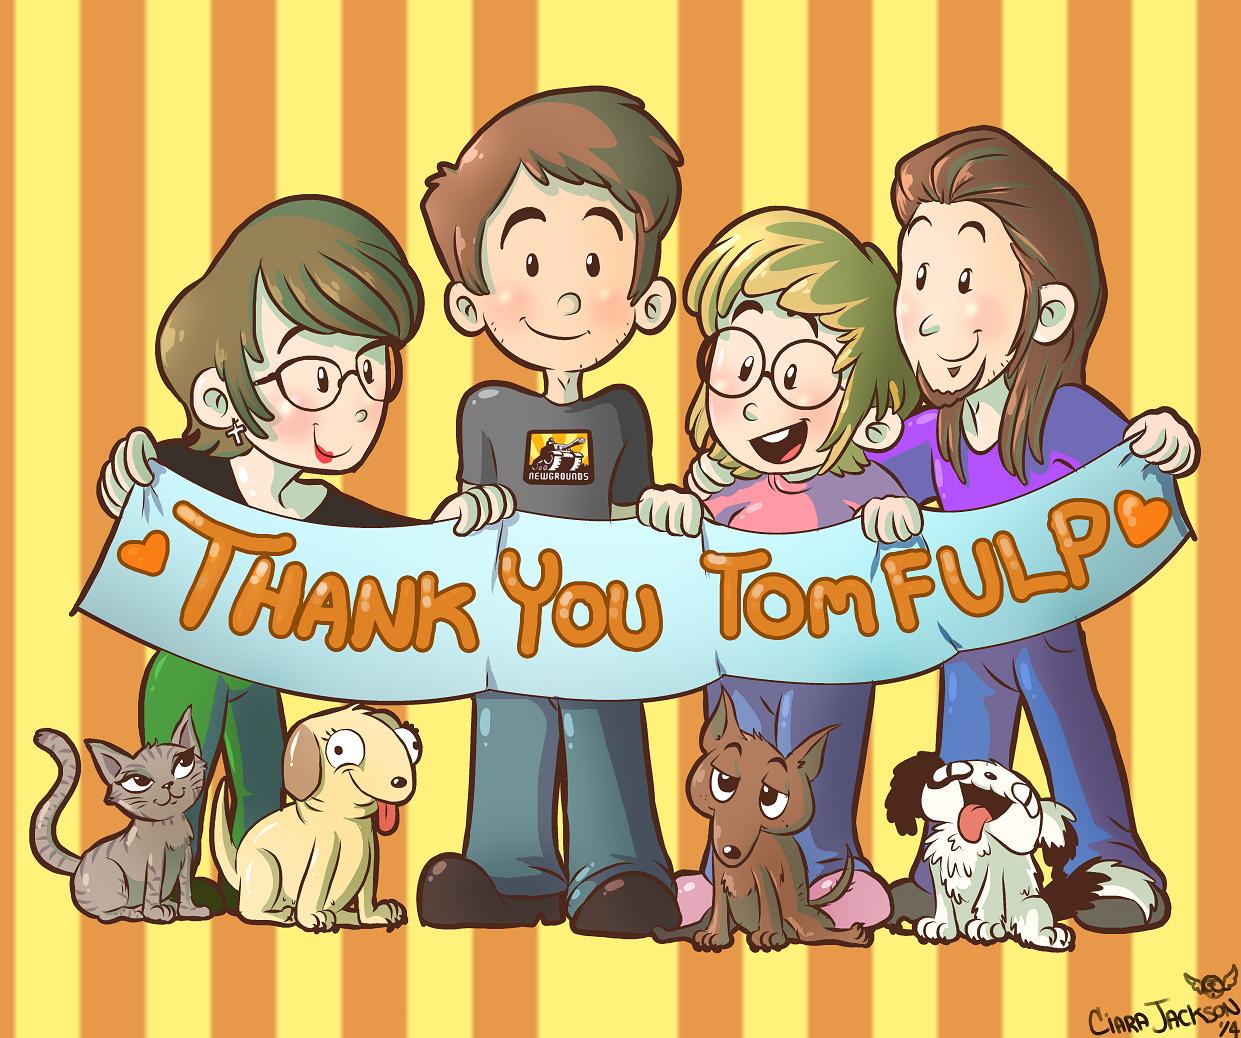 Thank You, Tom Fulp!!!